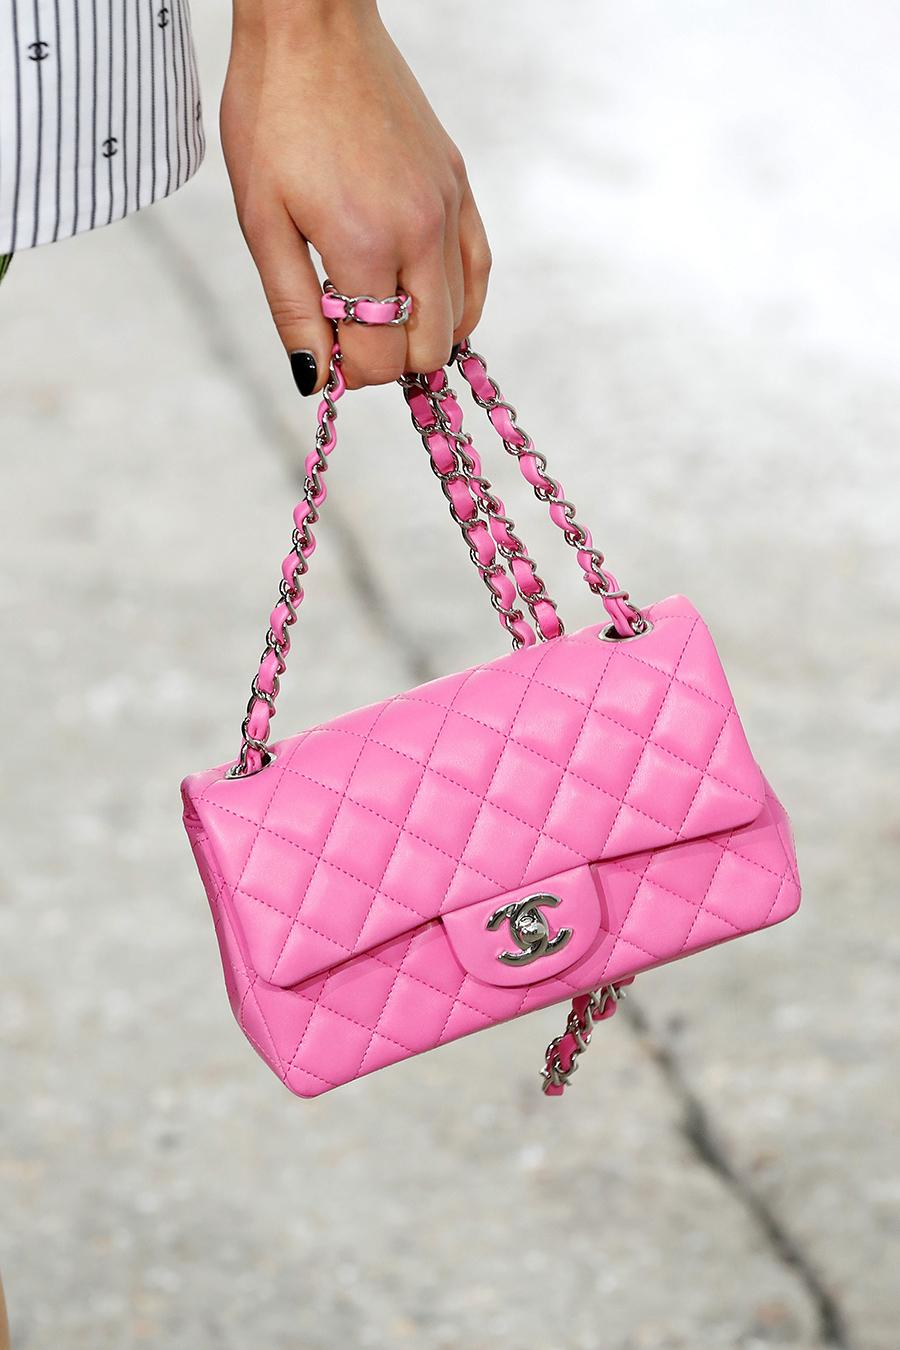 модная женская сумка лето 2021 клатч тоут шоппер пауч кожаная розовая стеганая на цепочке шанель